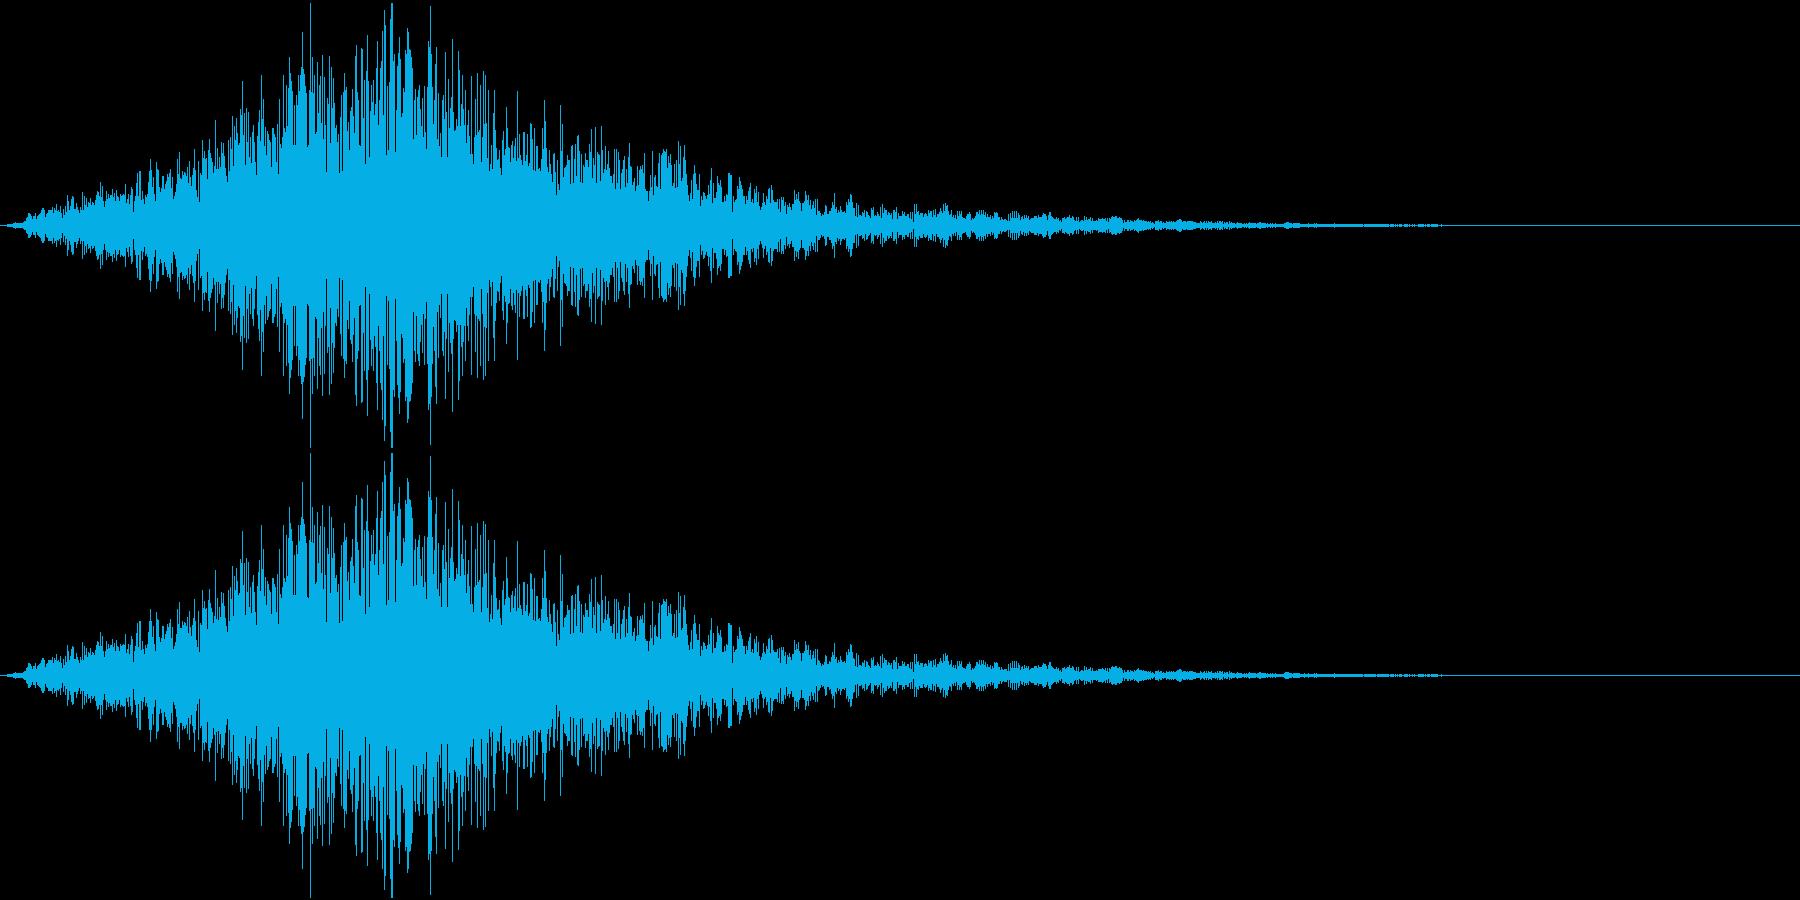 ウォォォォオォォ(ホラー、気配、通過)の再生済みの波形